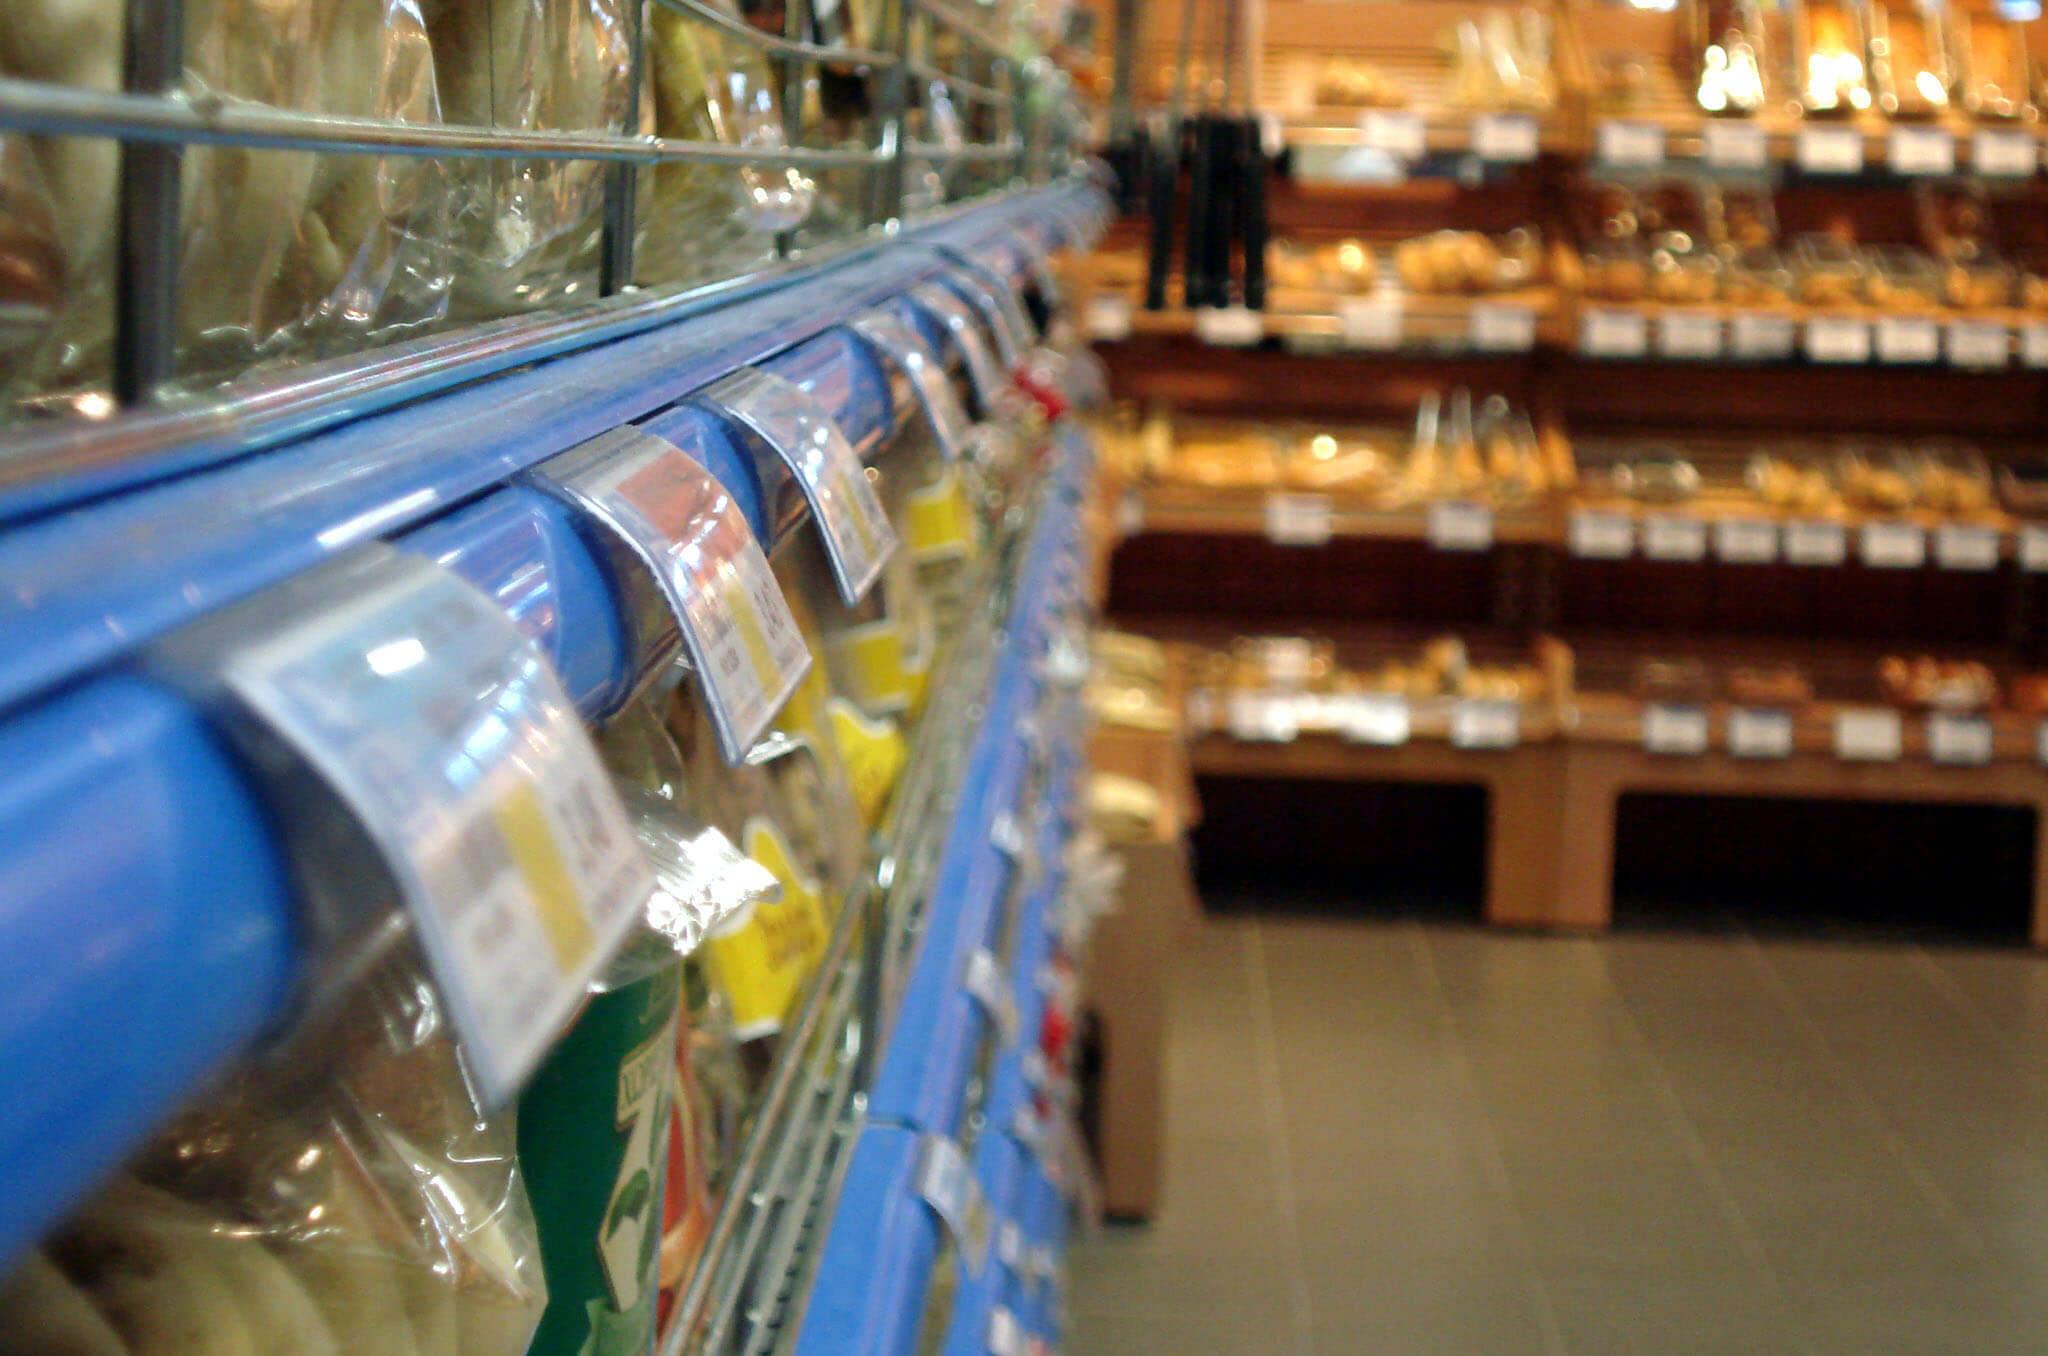 Μείωση ΦΠΑ: Τα προϊόντα που αλλάζουν τιμές από σήμερα